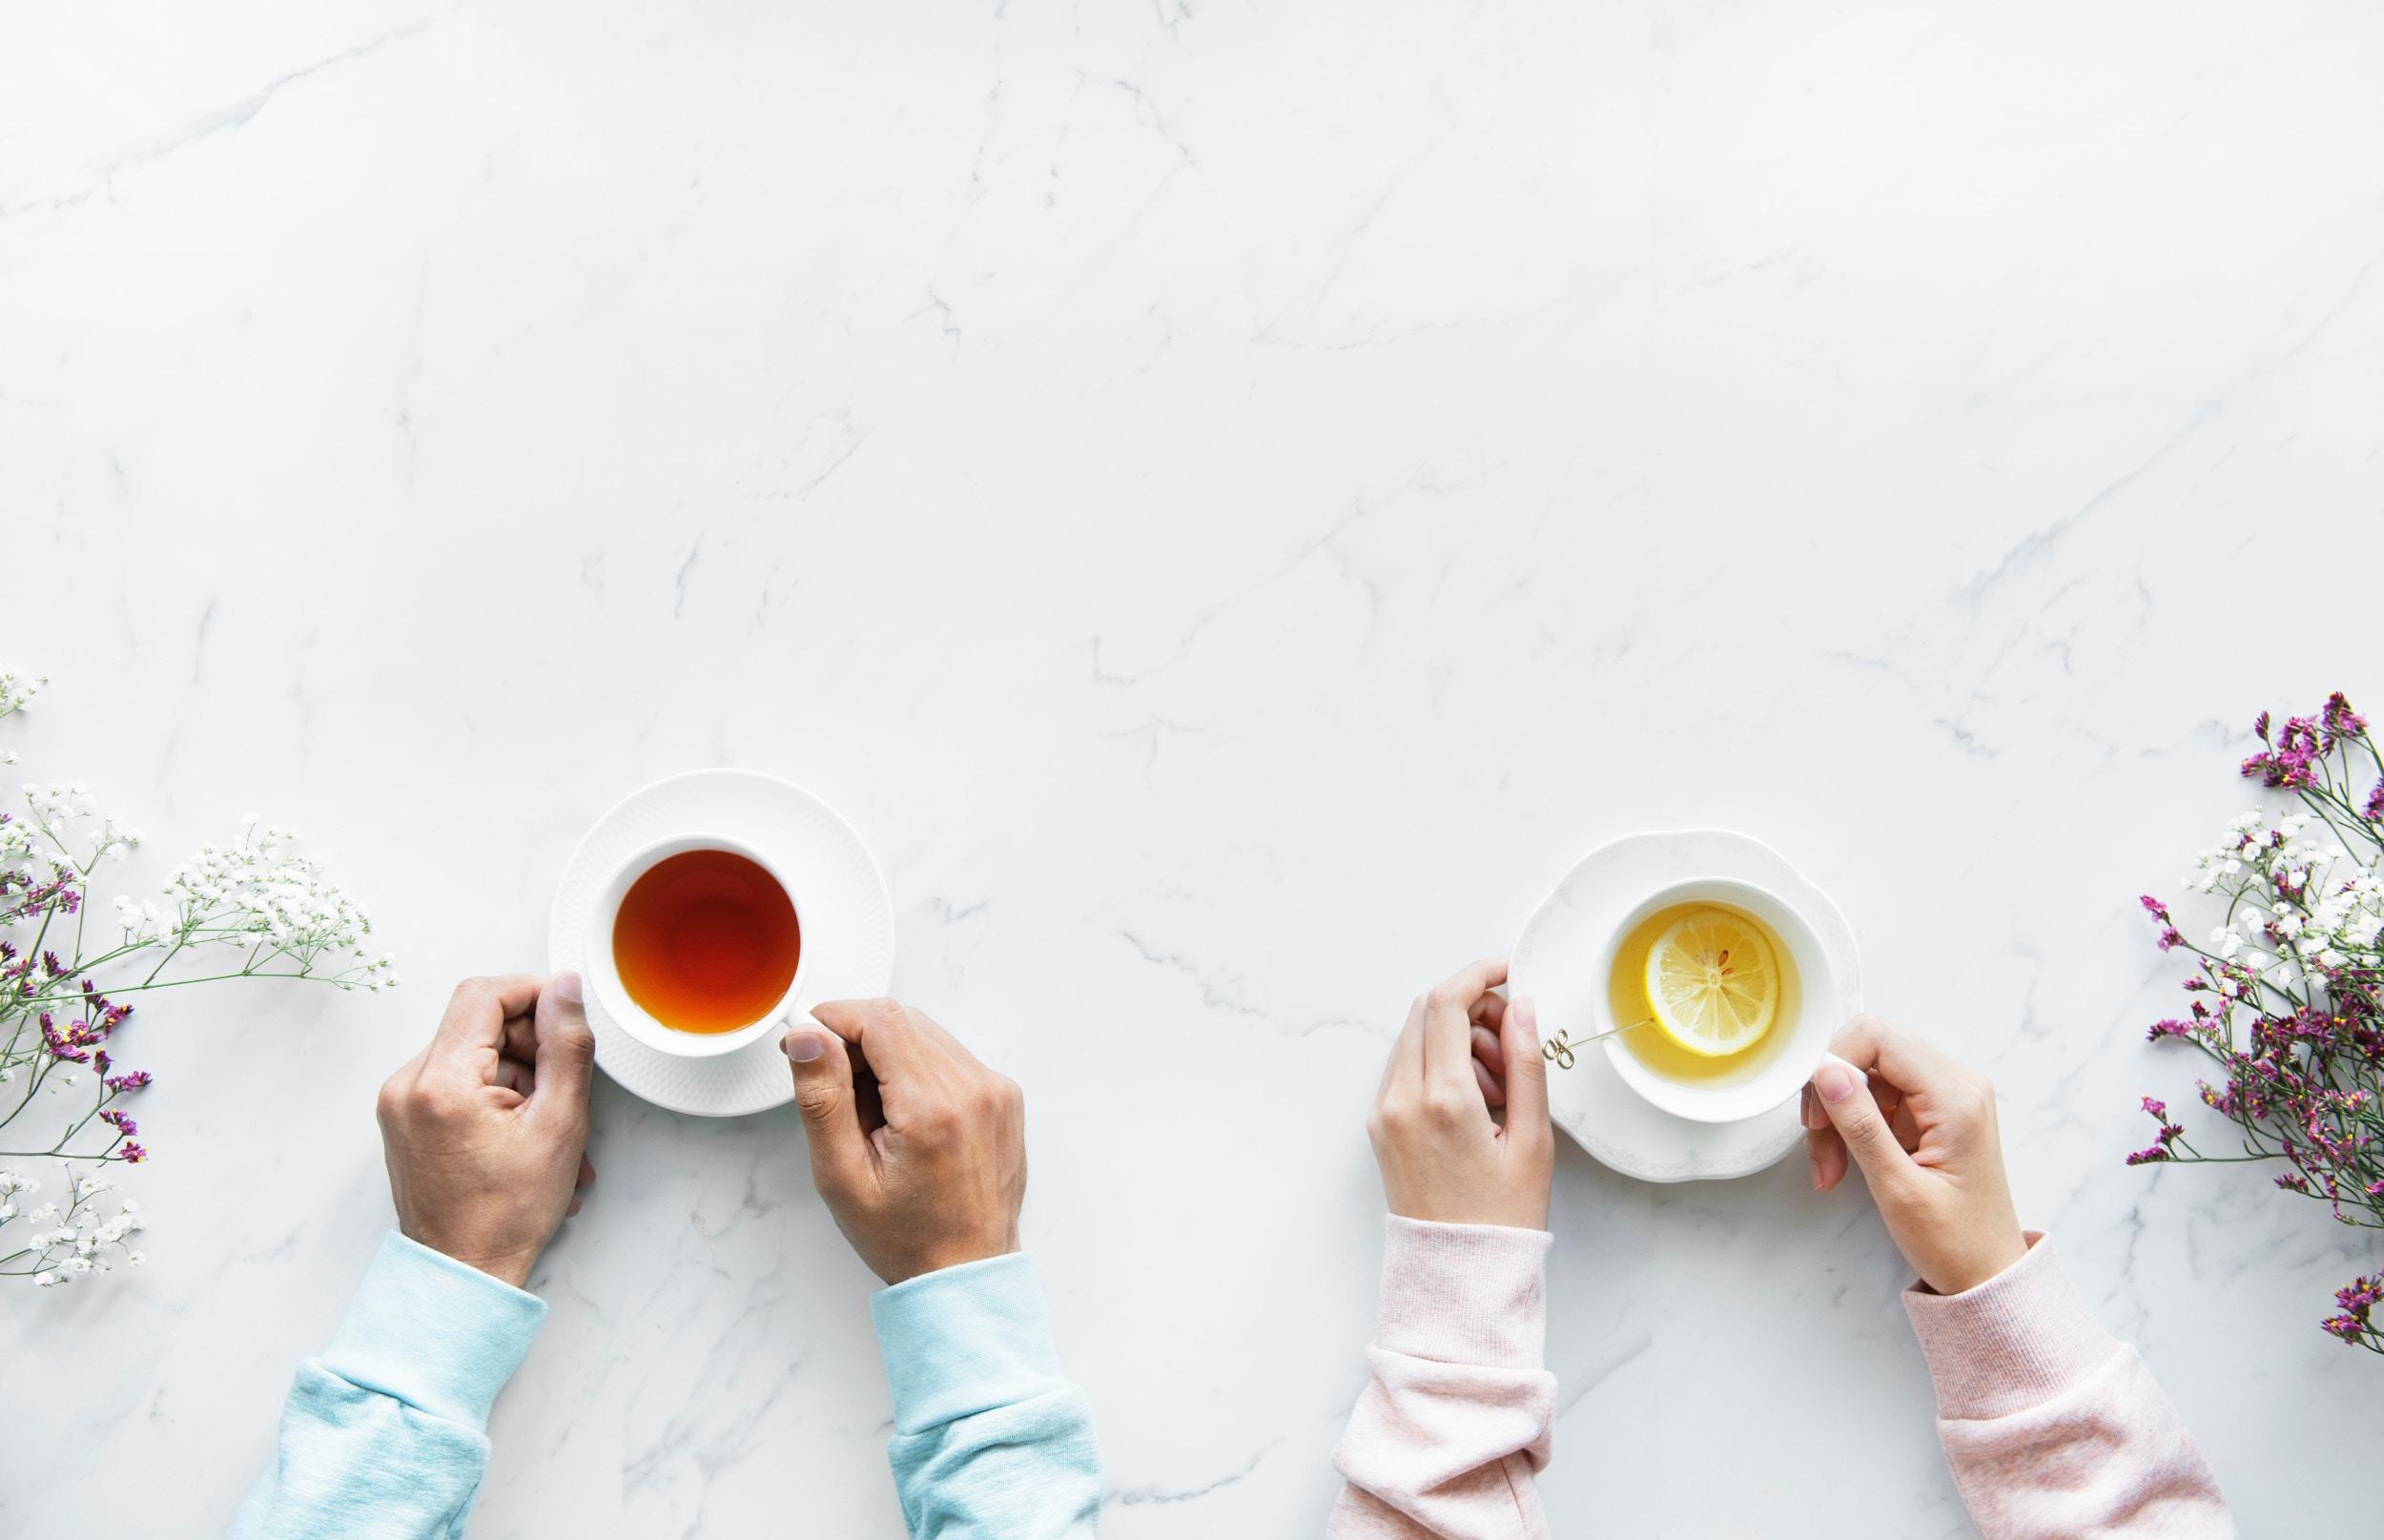 healthiest tea